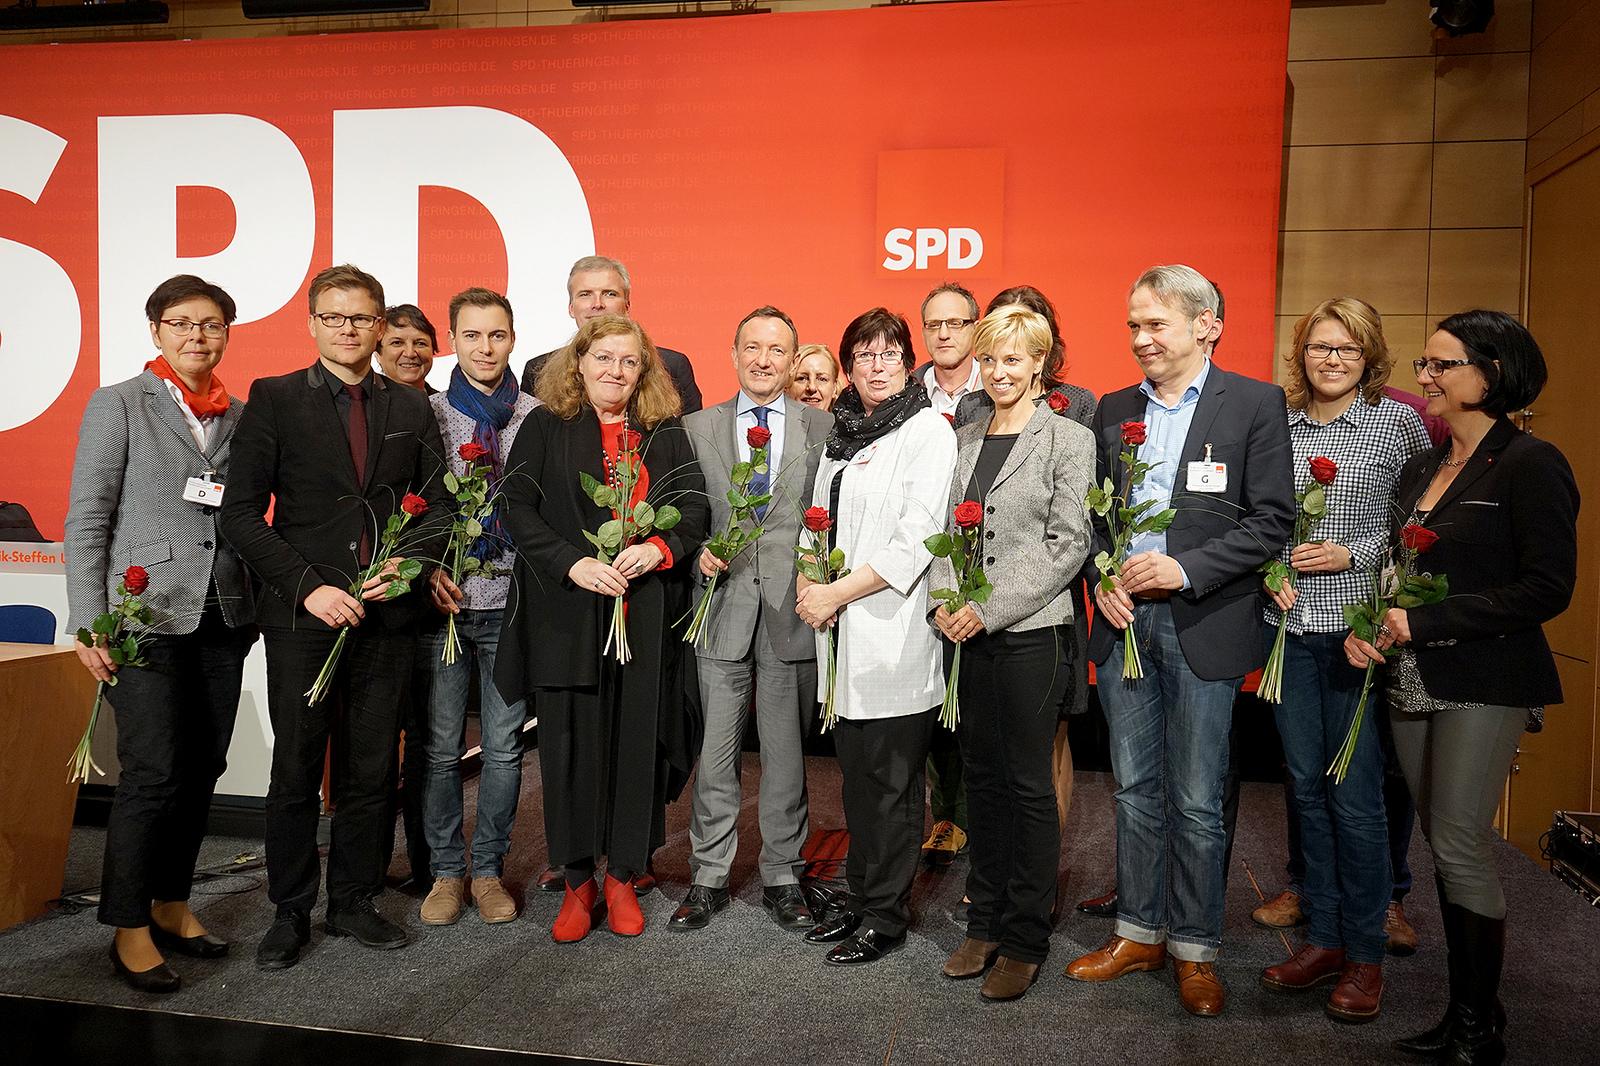 Der neu gewählte Landesvorstand der SPD Thüringen